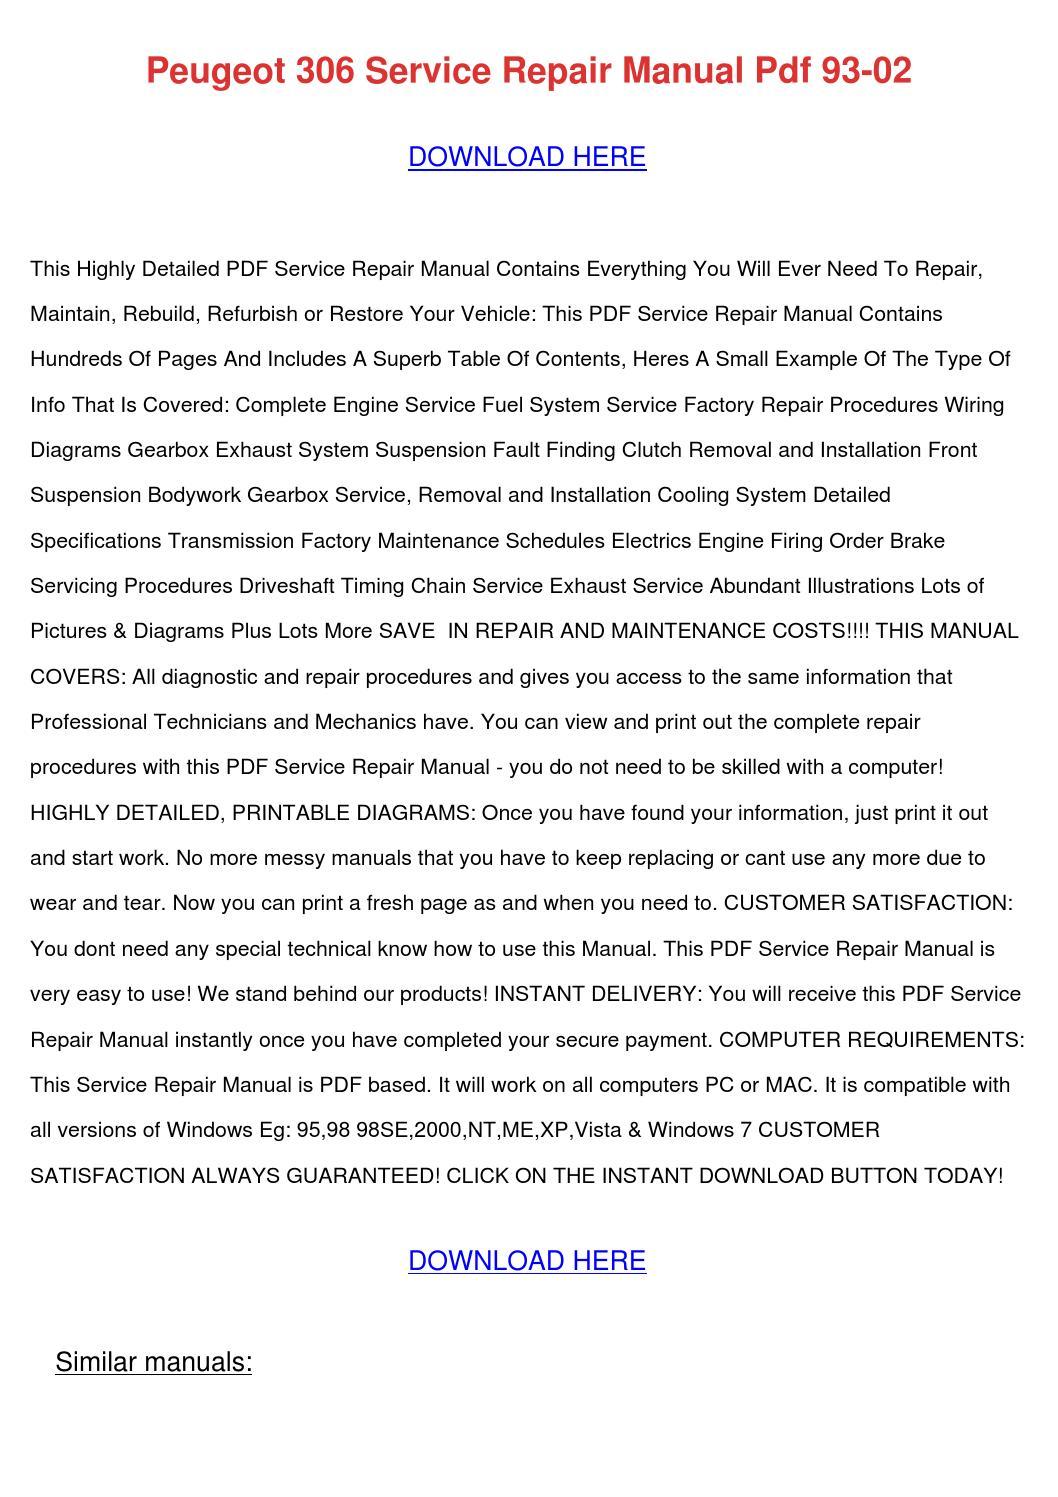 hight resolution of peugeot 306 service repair manual pdf 93 02